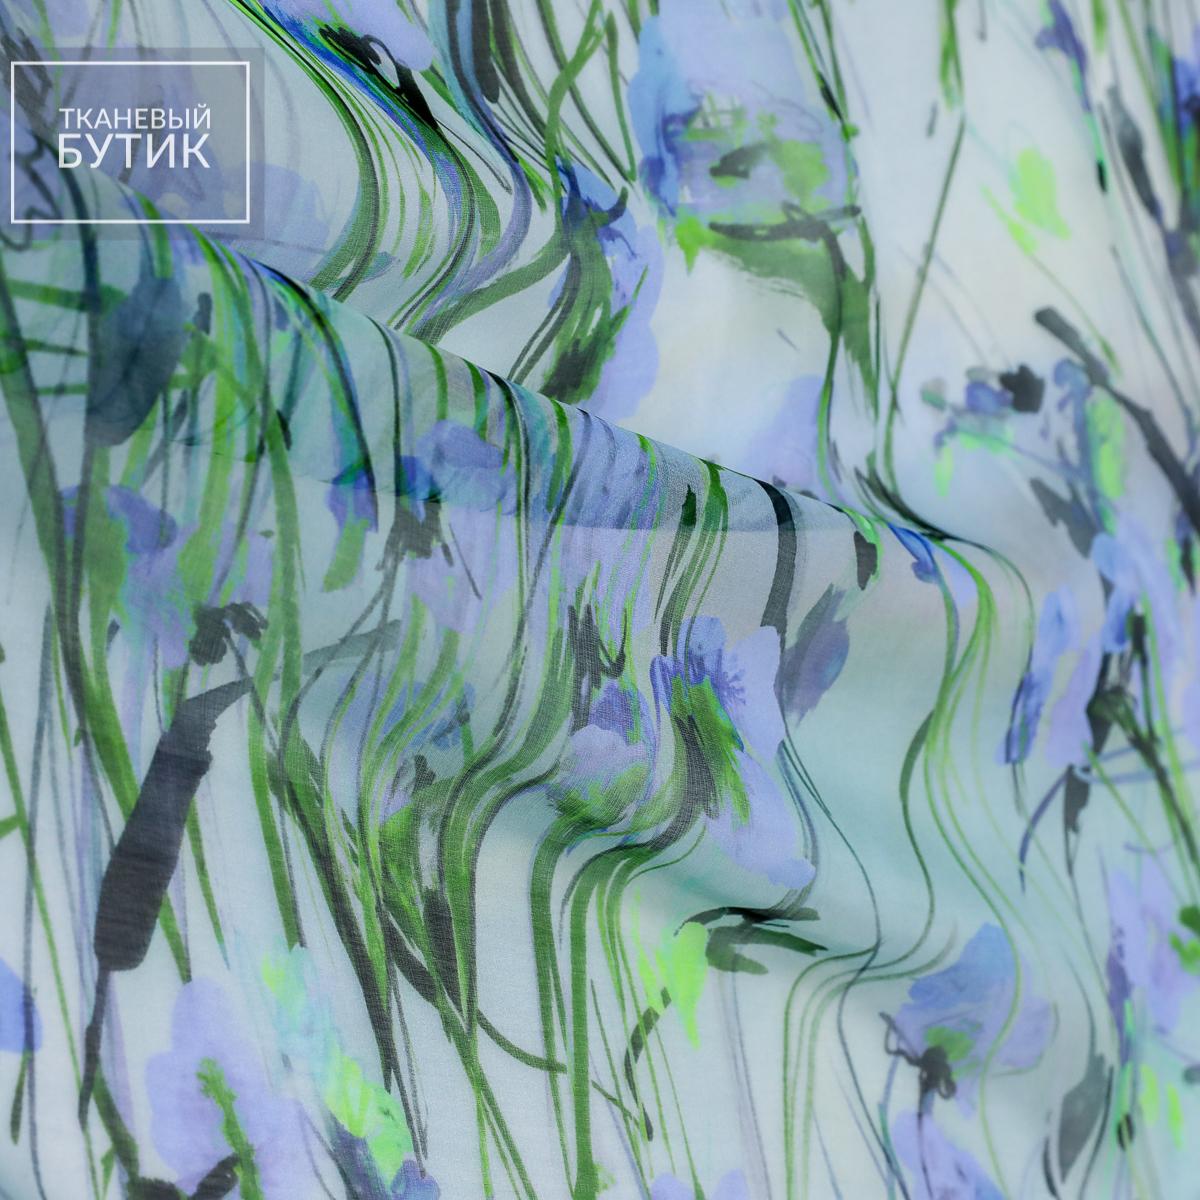 Шелковый шифон с растительным мотивом в зелено-голубых оттенках